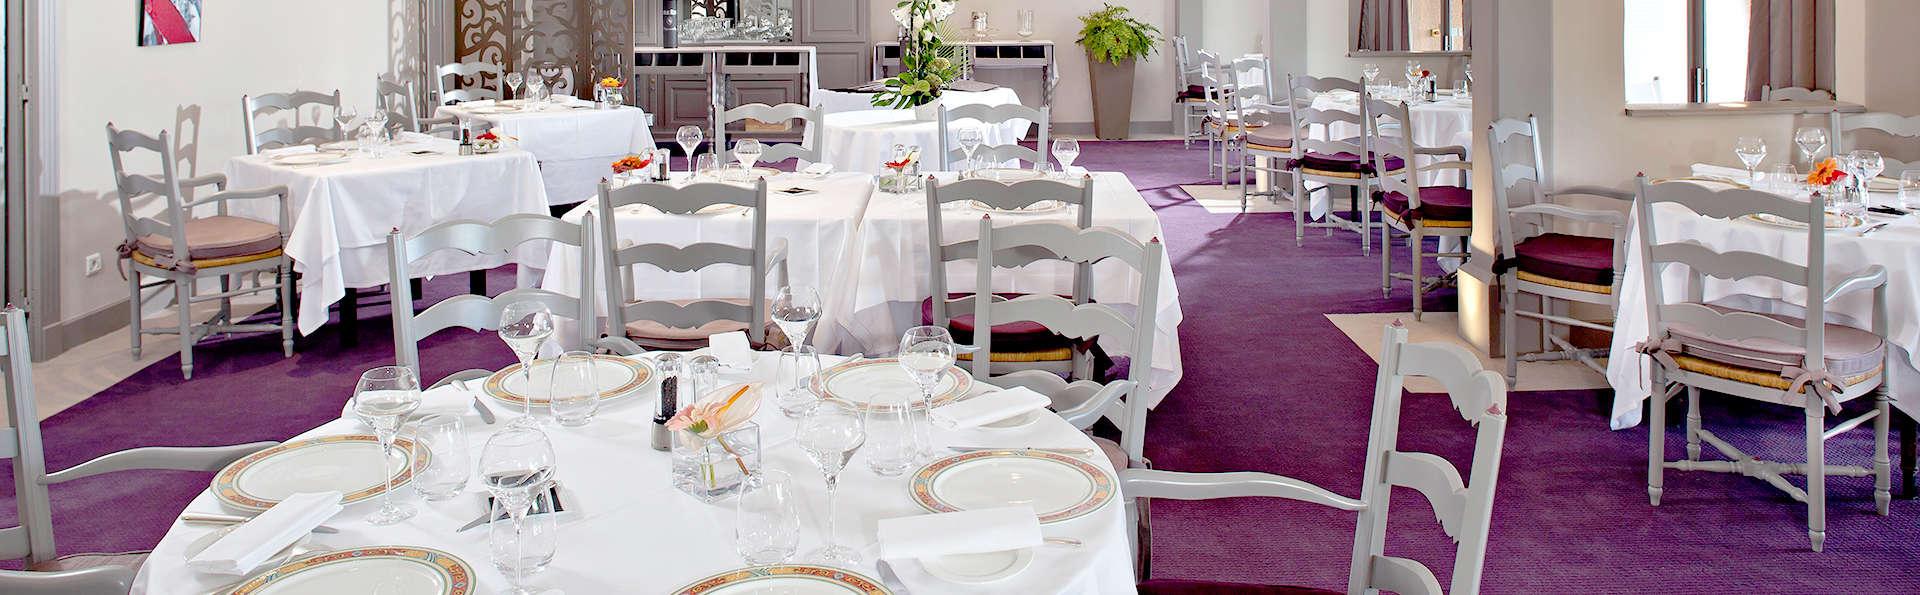 Invitation à la gourmandise et à la détente à Saint-Raphaël